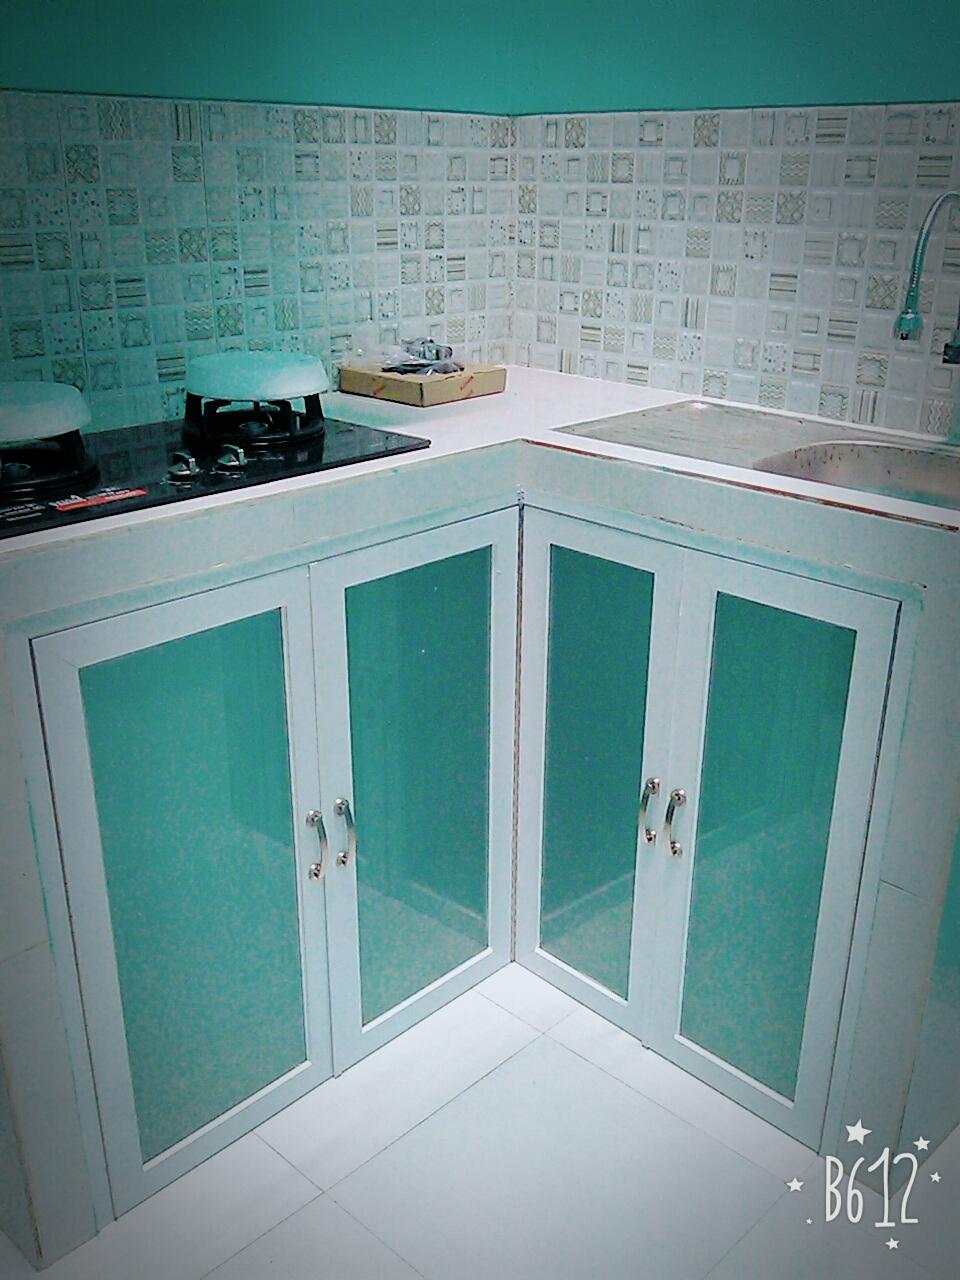 Utama Aluminium Dan Kaca Pintu Kitchen Set Aluminium